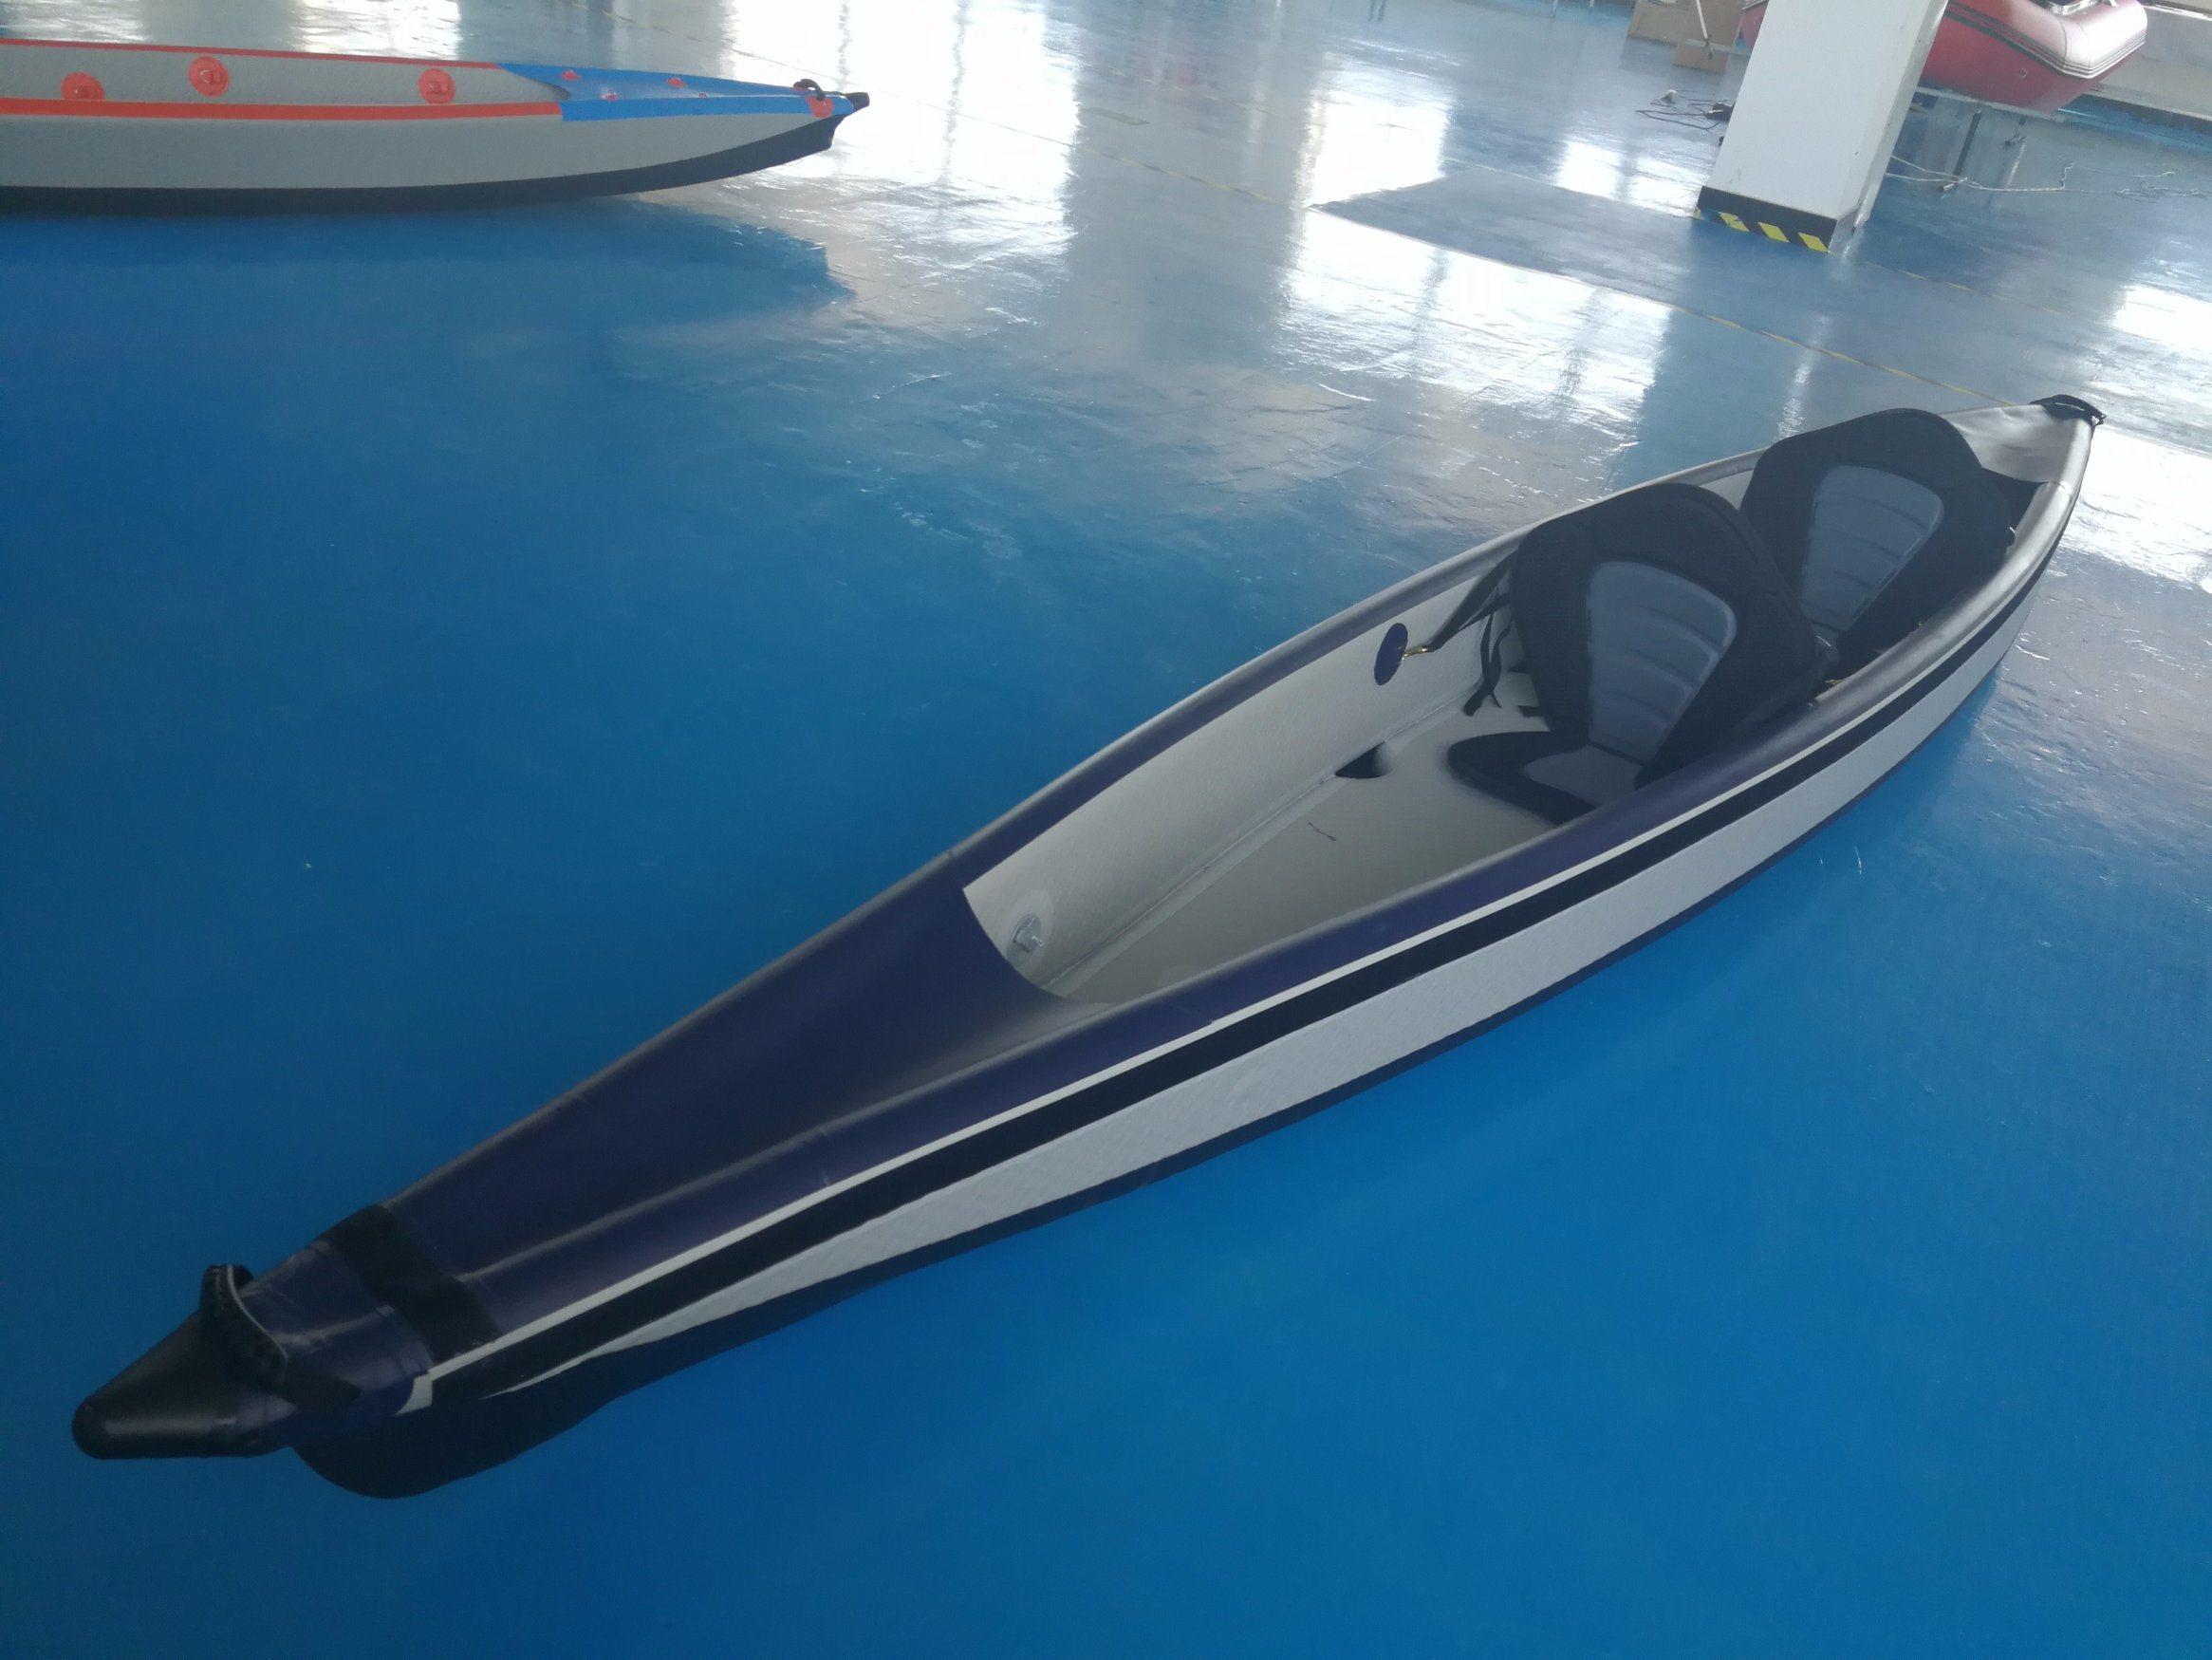 Inflatable Folding Drop Stitch Kayak, Sit on Top Ocean Kayak